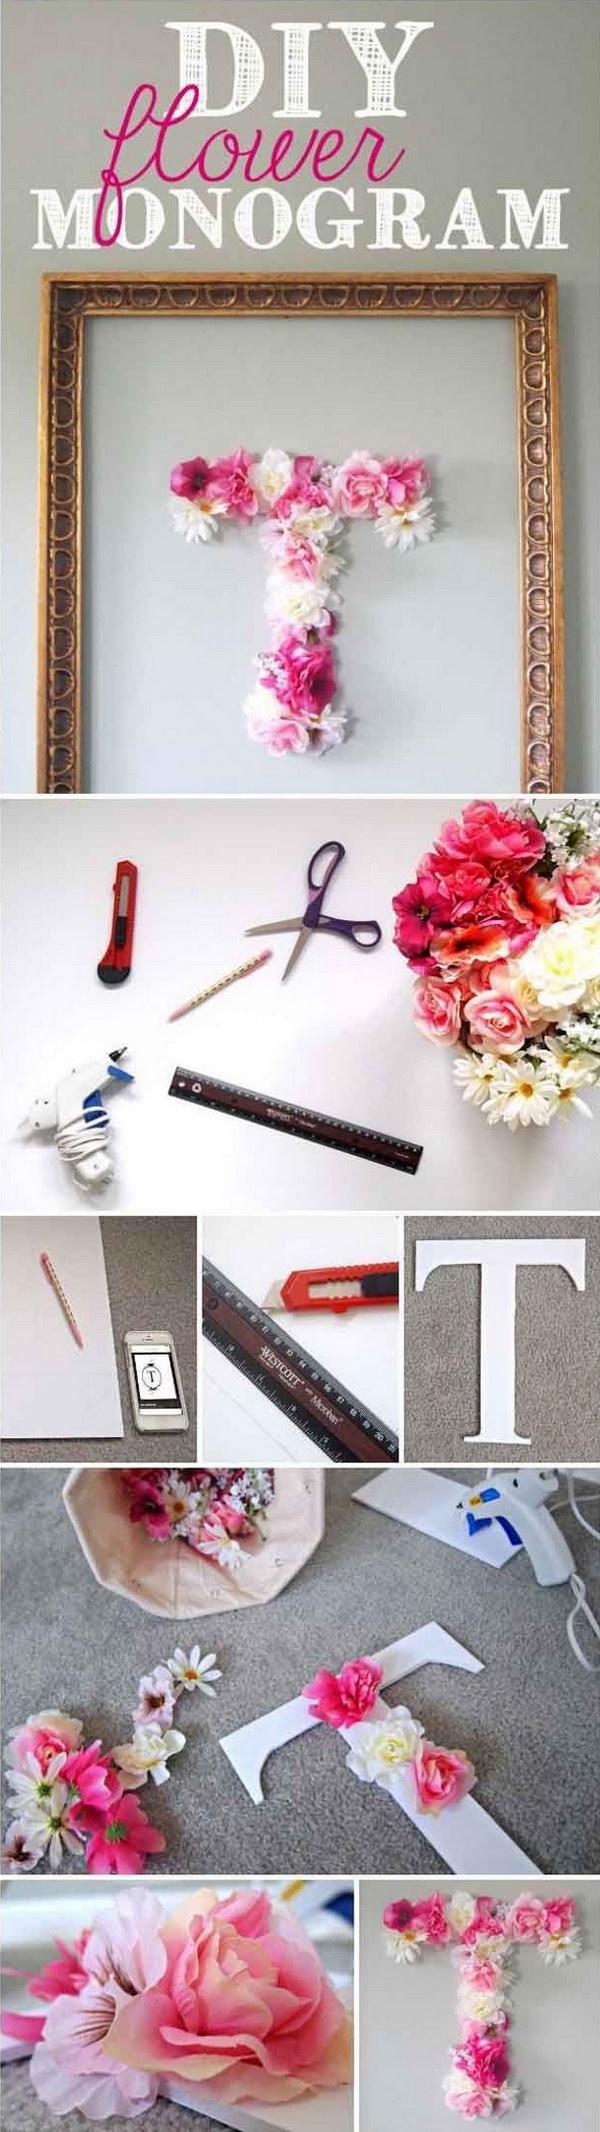 25+ DIY Ideas & Tutorials for Teenage Girl's Room ... on Teenage Room Decoration  id=57493